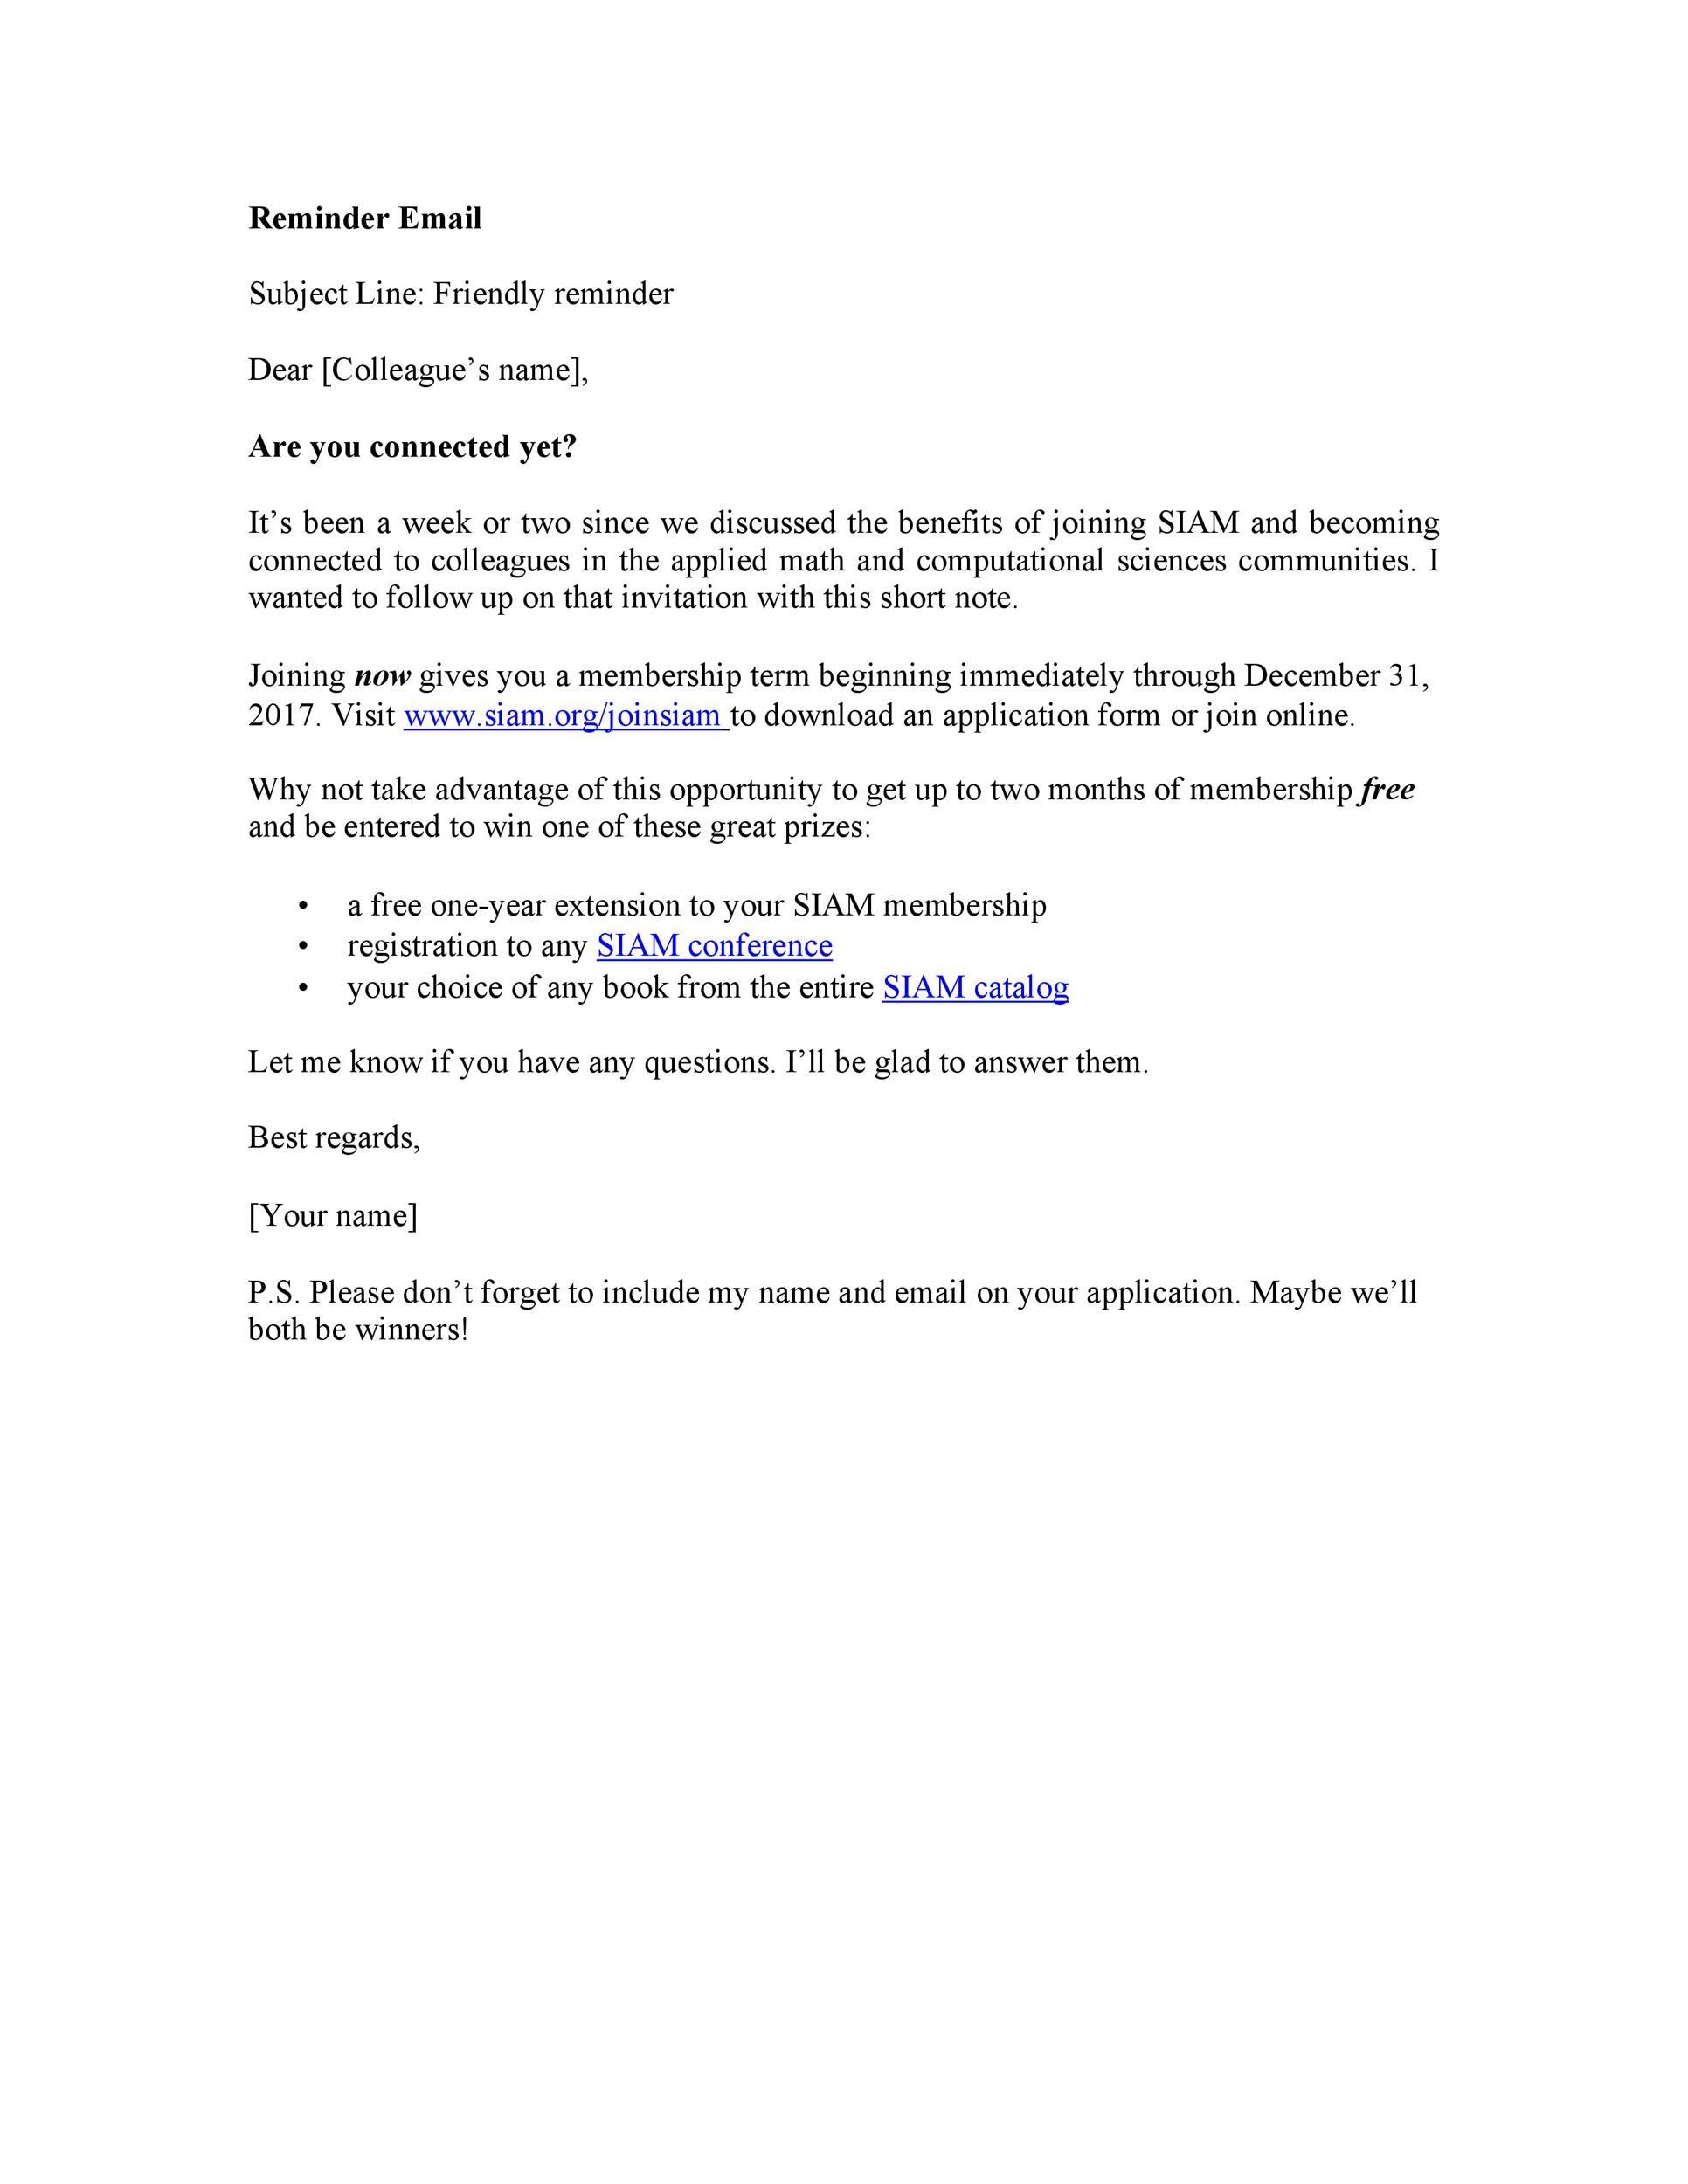 Free reminder email sample 50